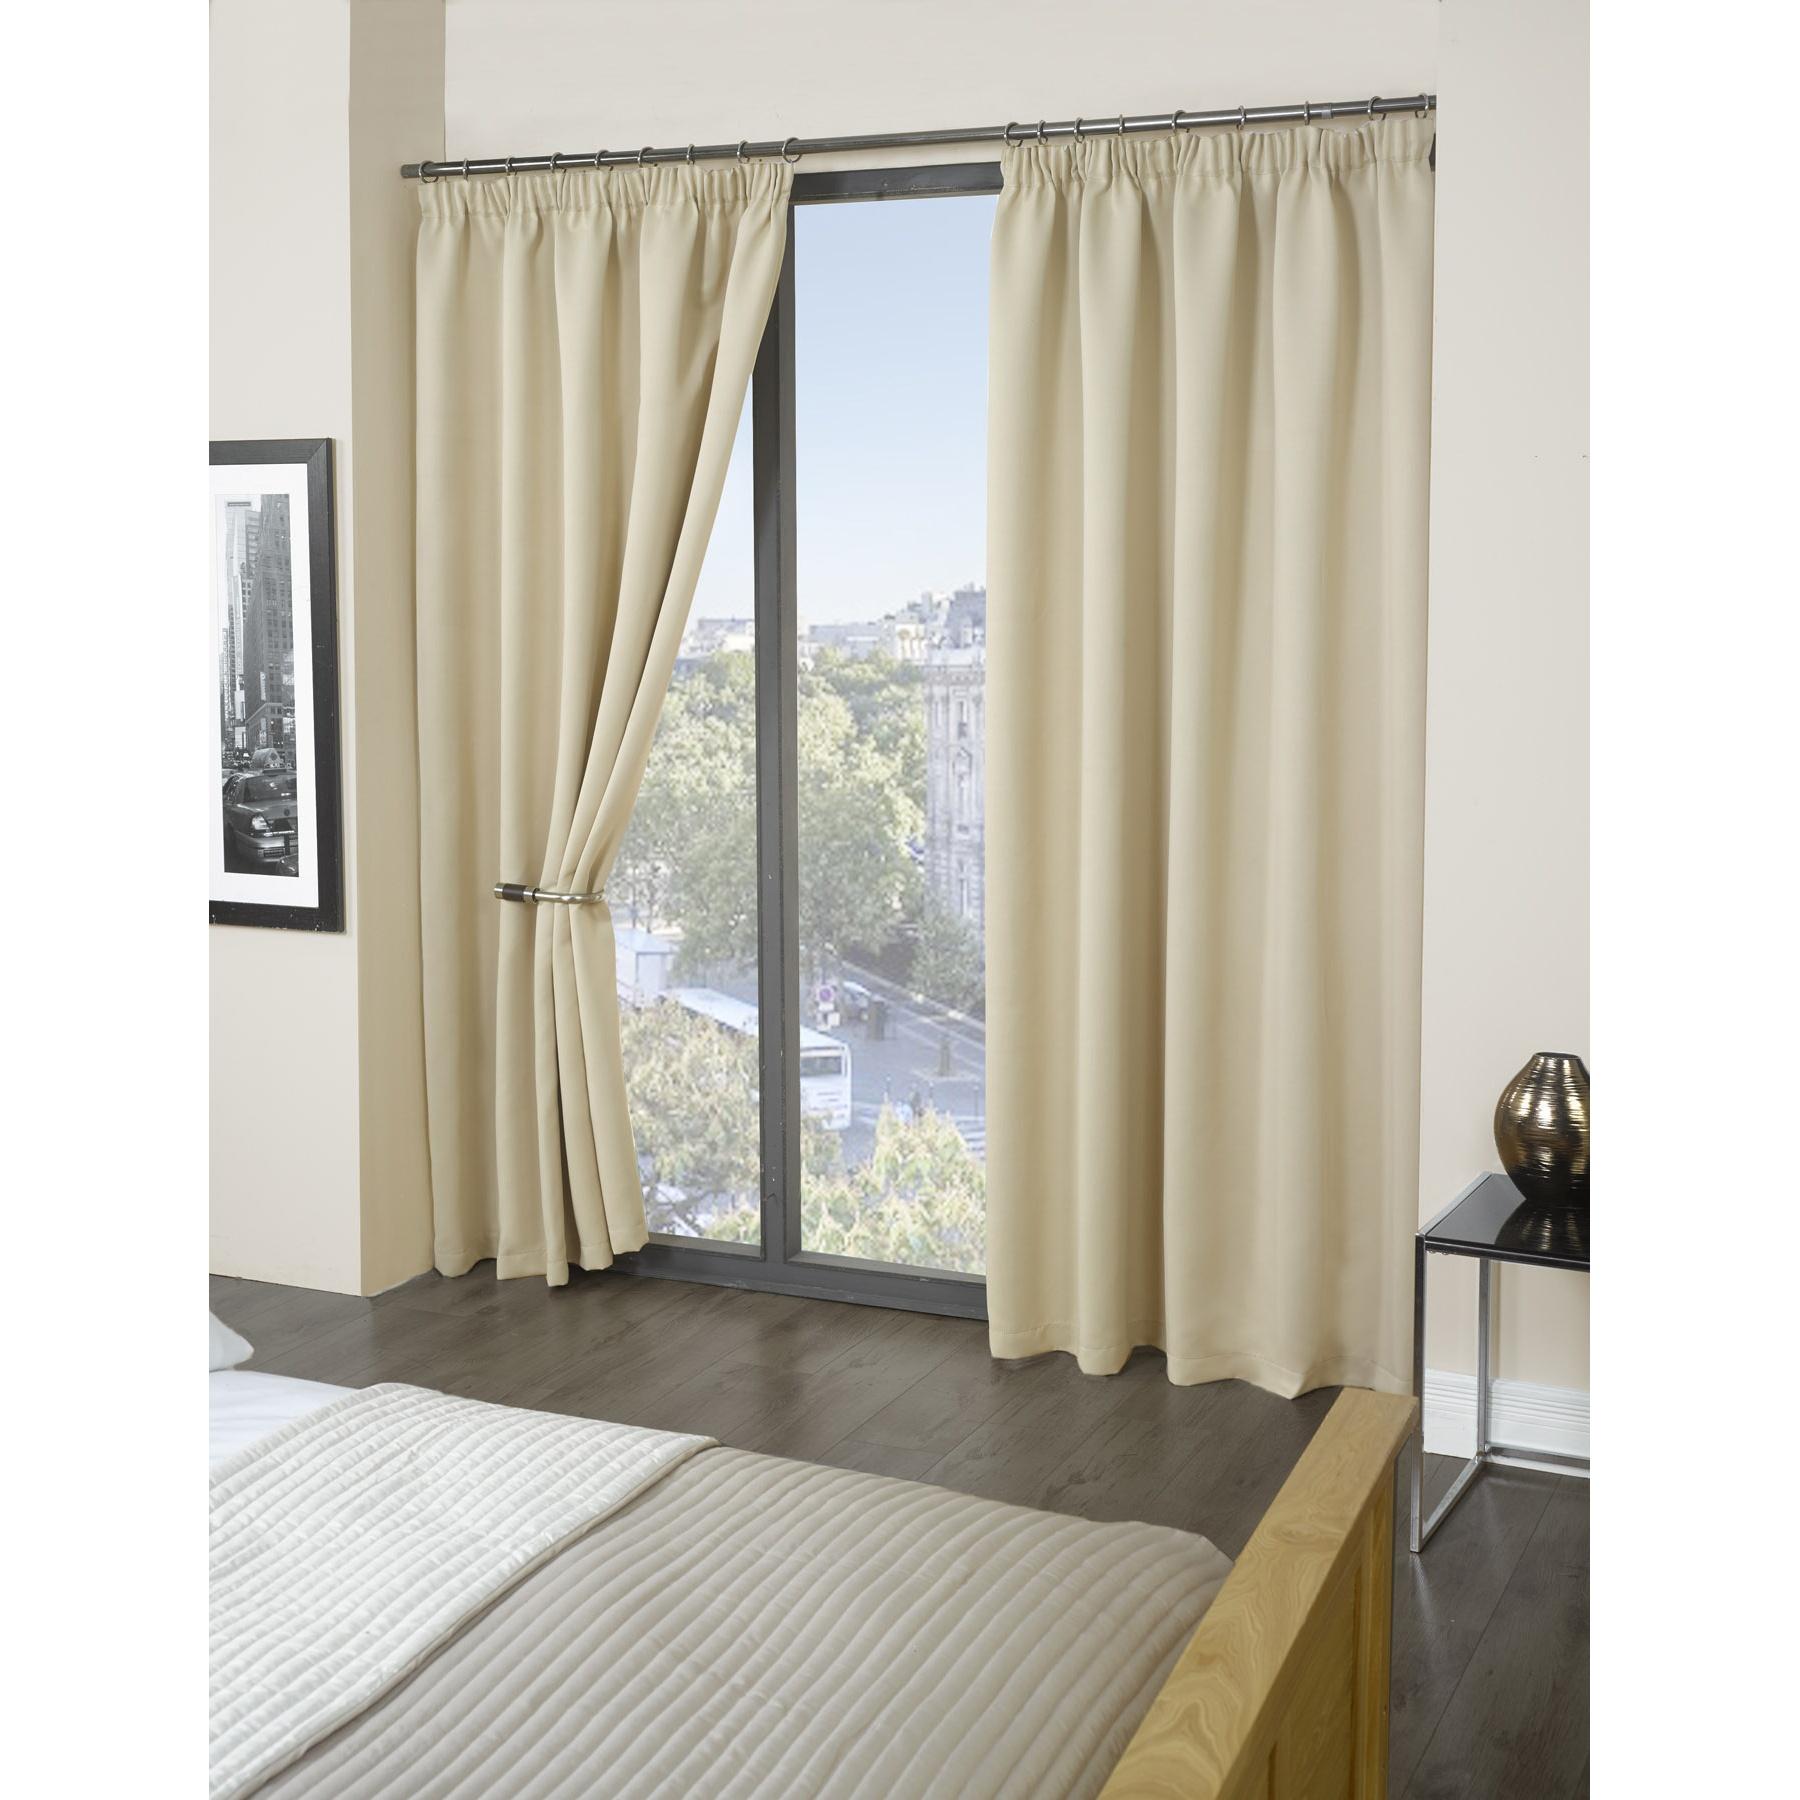 ensemble de rideaux occultants cali enti rement doubl s ms134 ebay. Black Bedroom Furniture Sets. Home Design Ideas